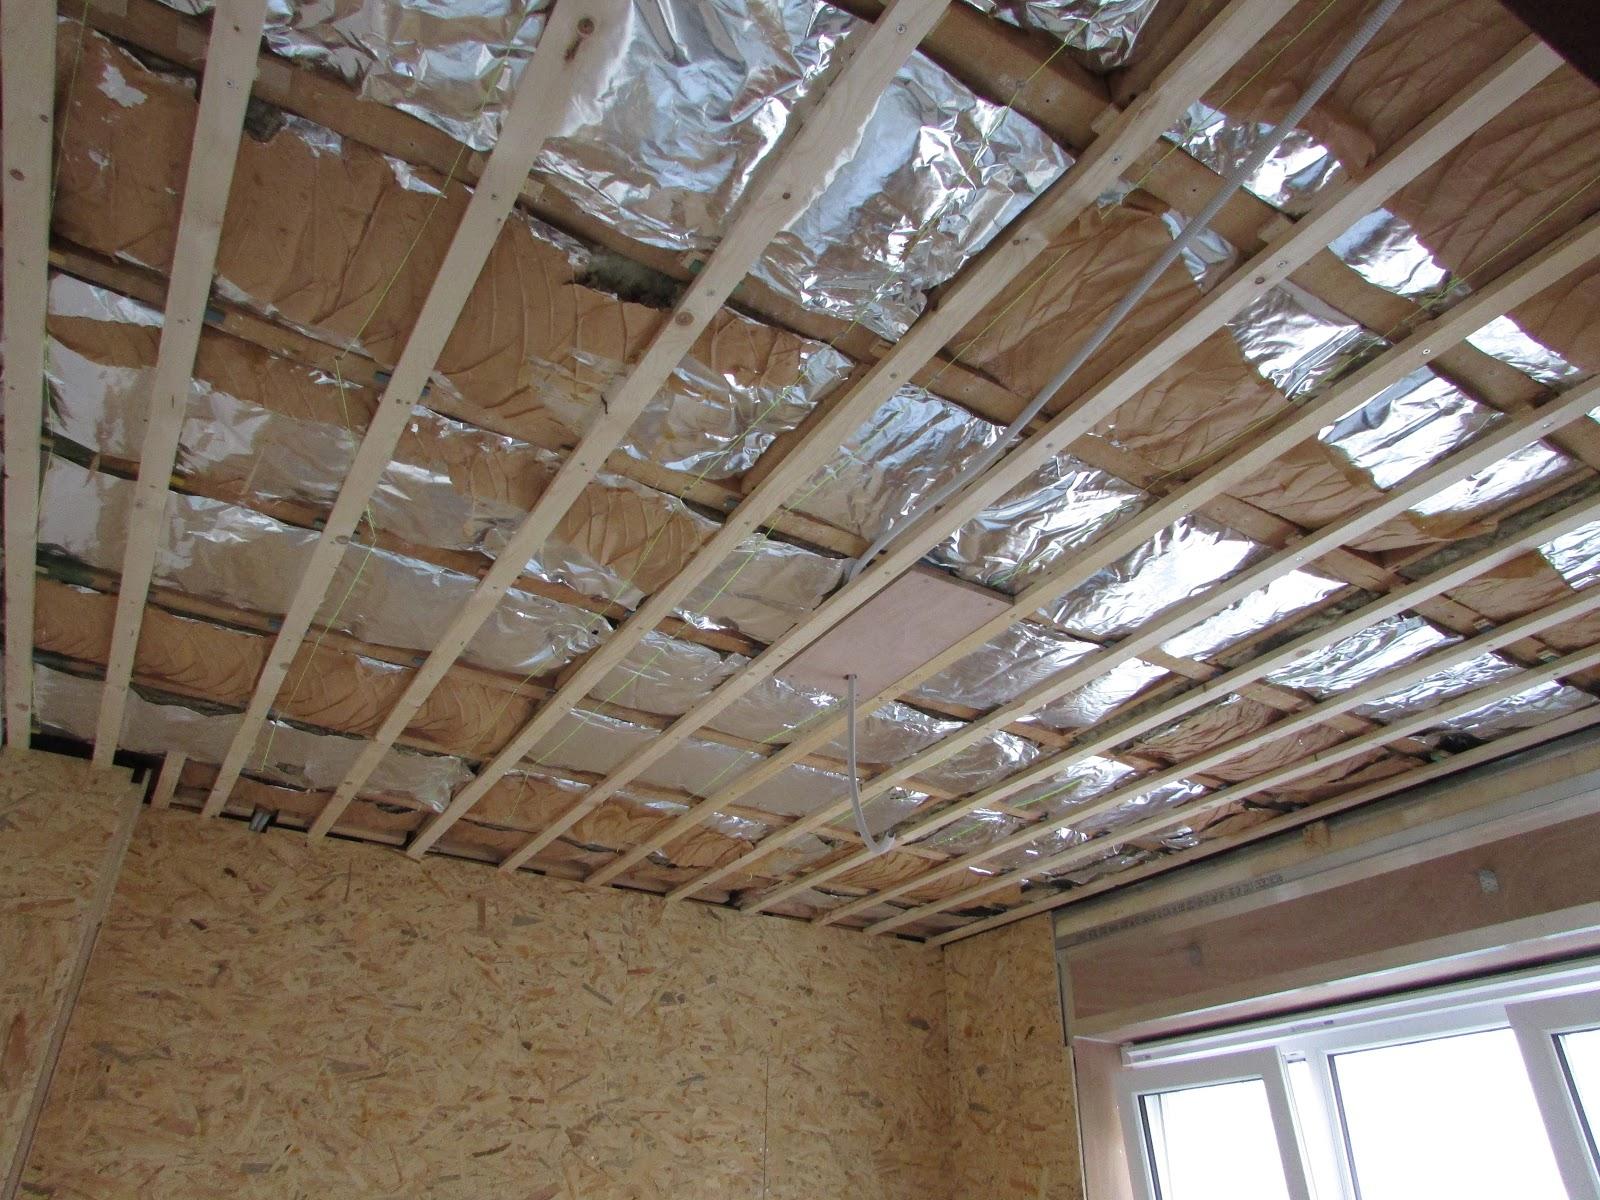 verbouwing van ons ouderlijk huis: plafond slaapkamer 1